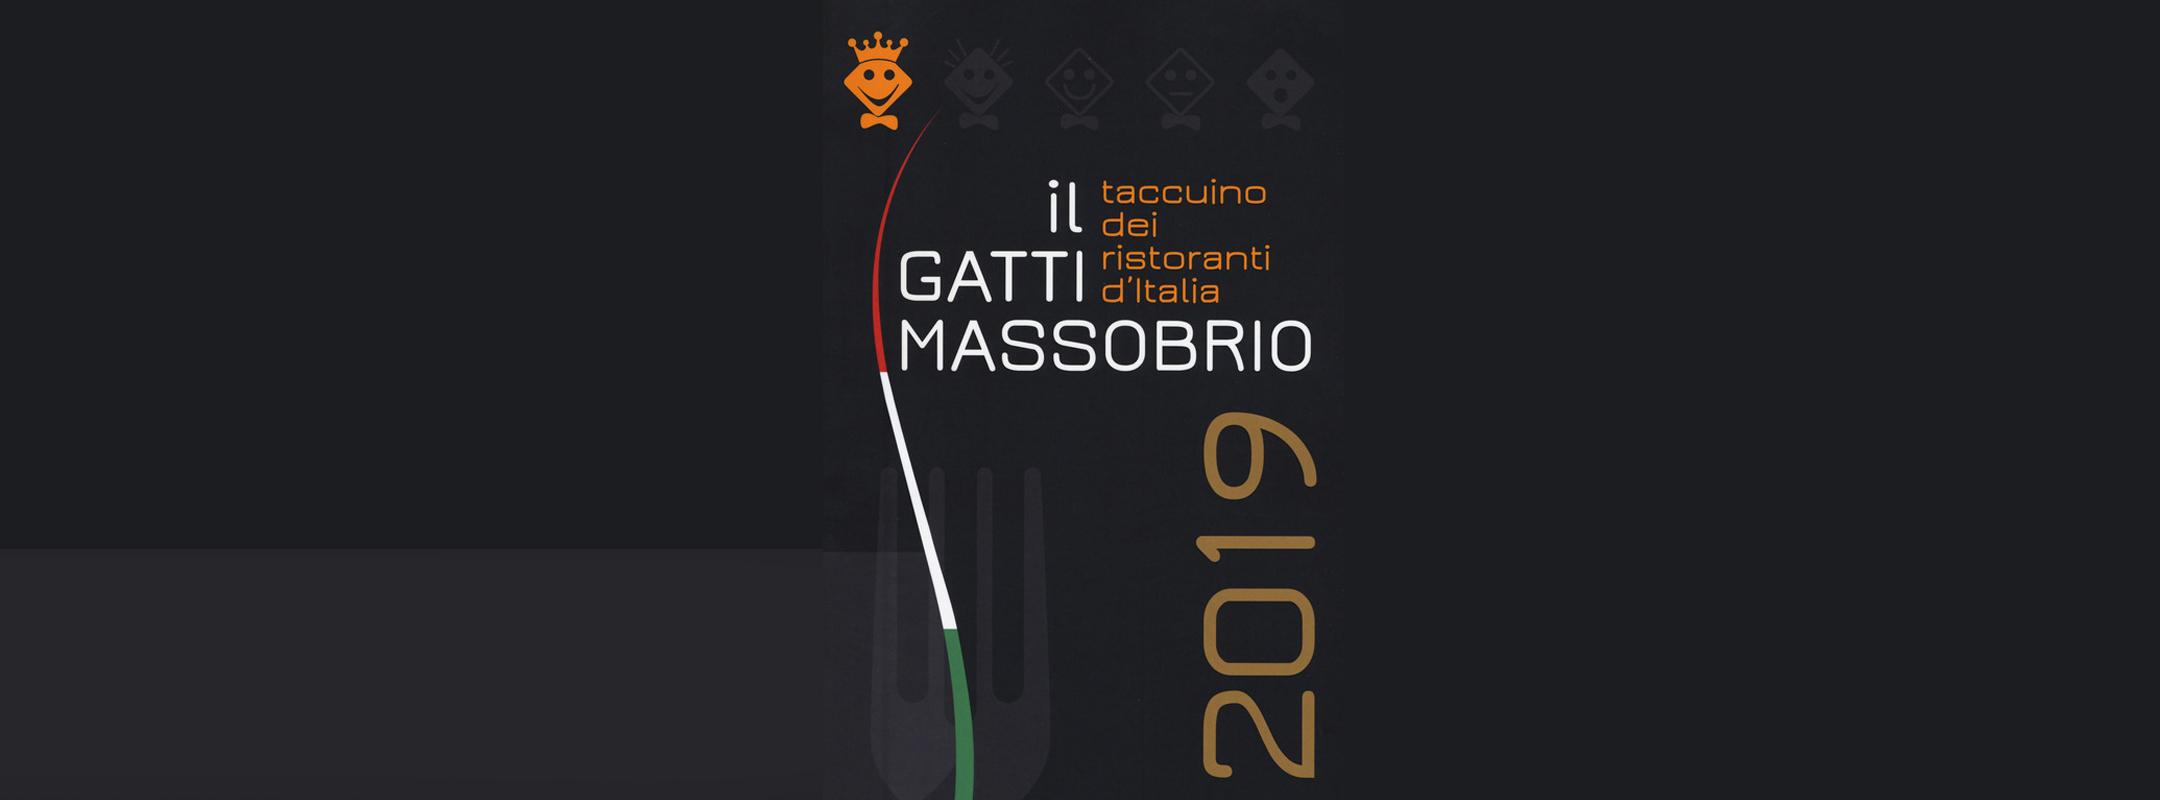 La Ristorazione secondo il Taccuino dei Ristoranti d'Italia Gatti-Massobrio 2019